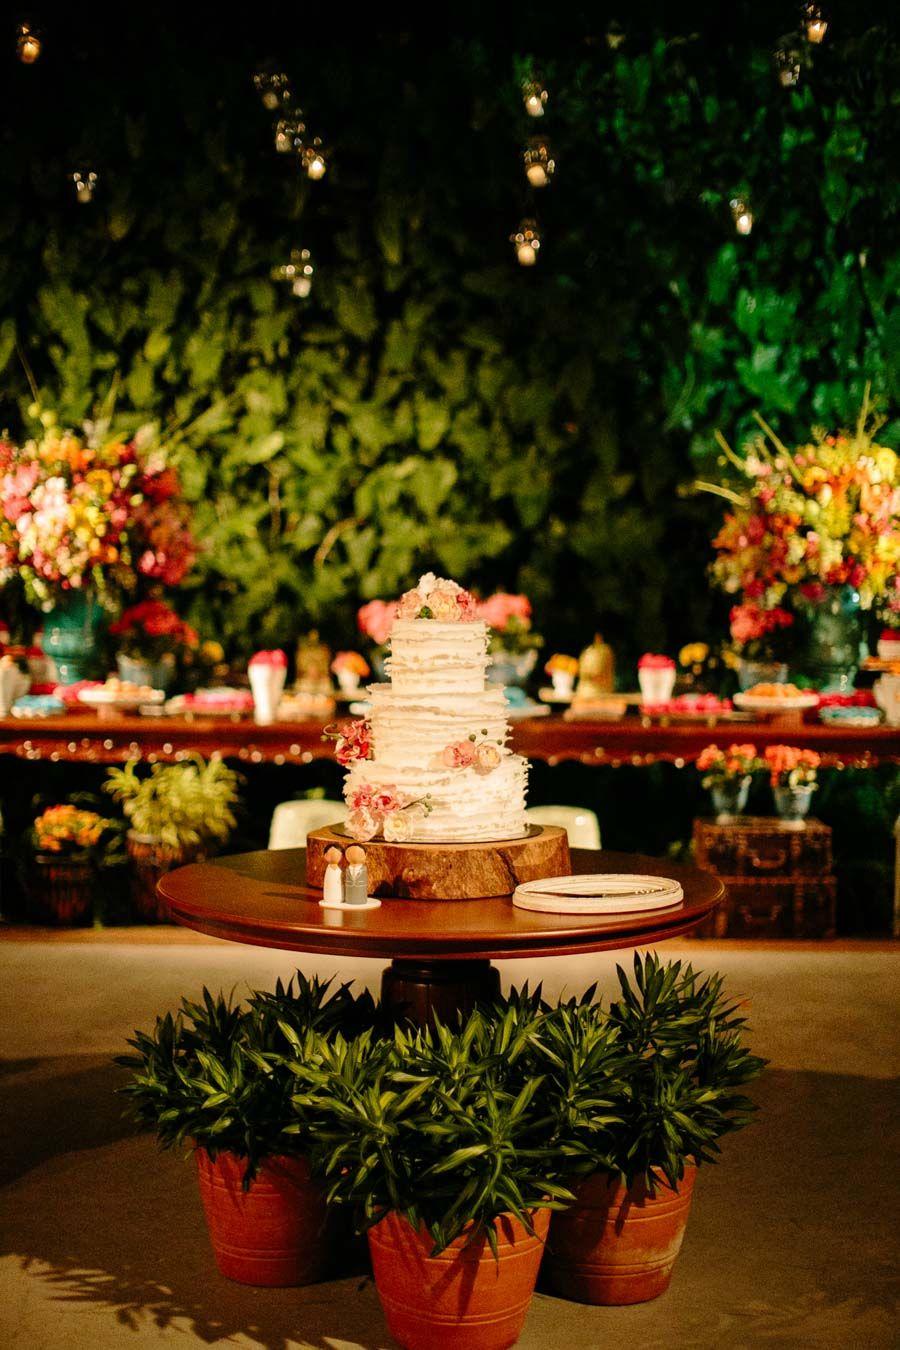 Blog com dicas de casamentos, noivas, festas de casamentos, noivos, preparativos de casamentos